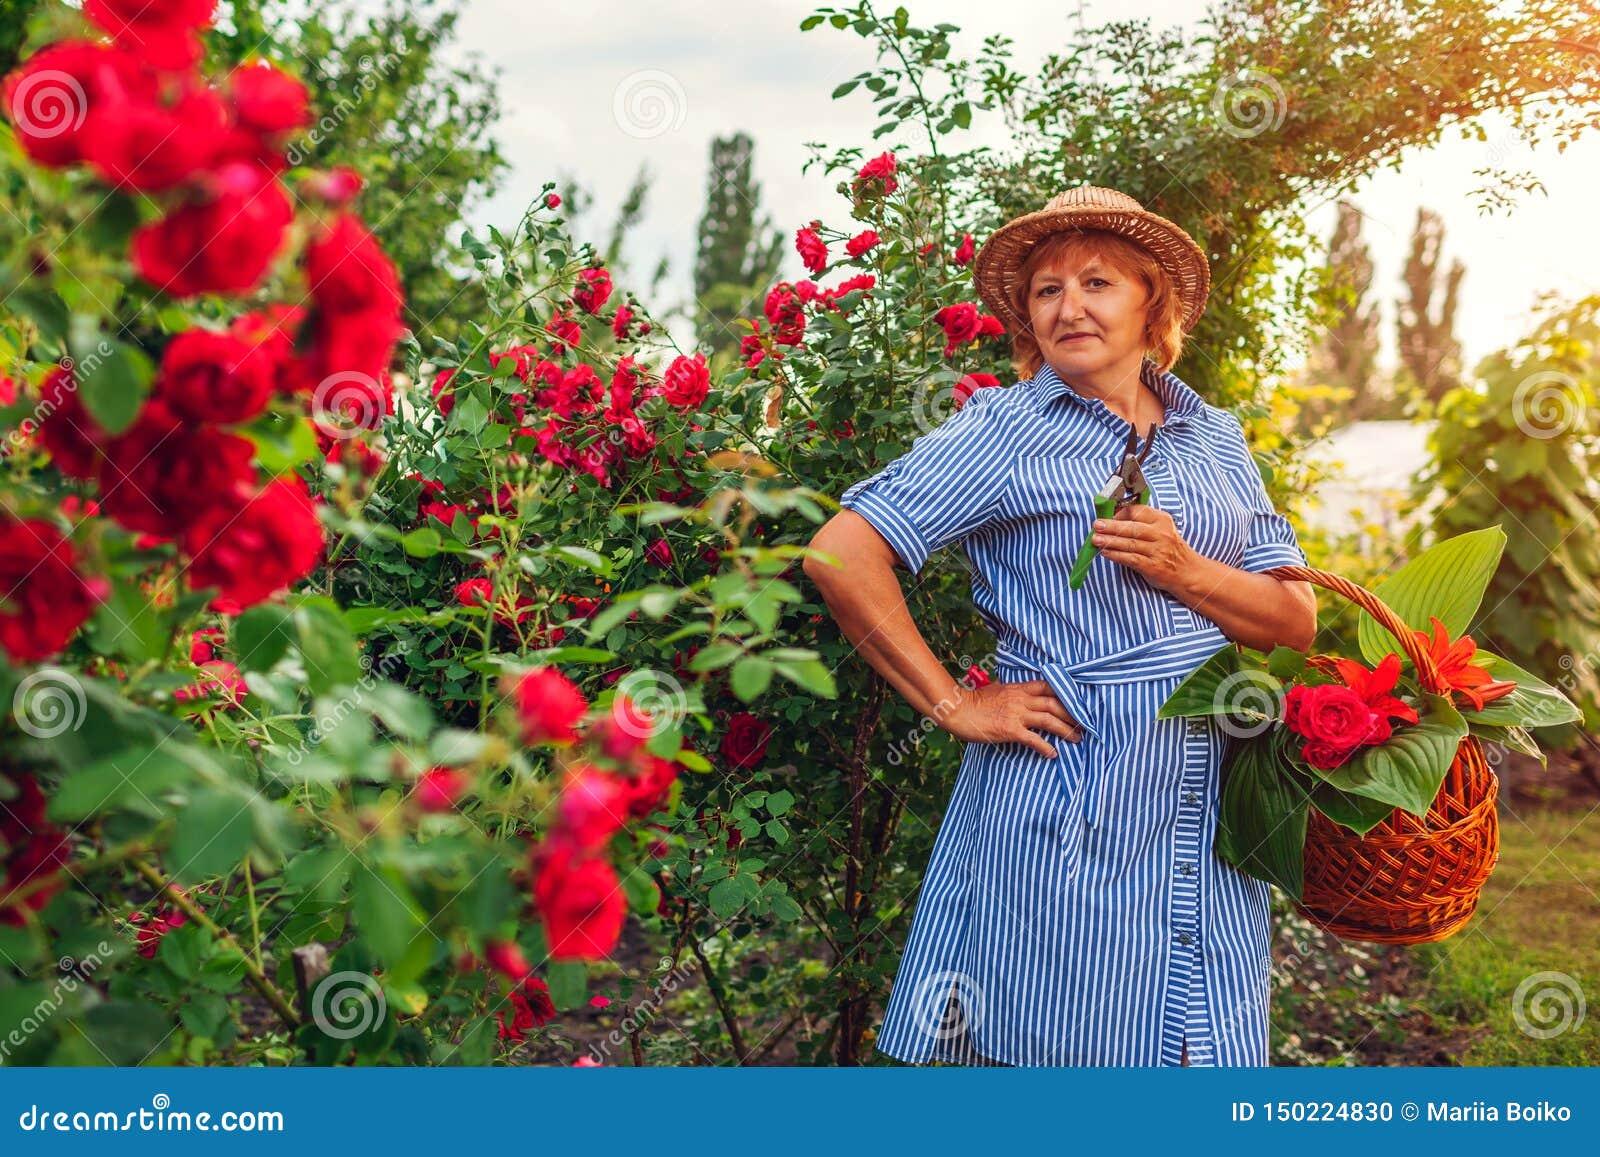 Hogere vrouw die bloemen in tuin verzamelen Vrouwen scherpe rozen op middelbare leeftijd weg Het tuinieren concept